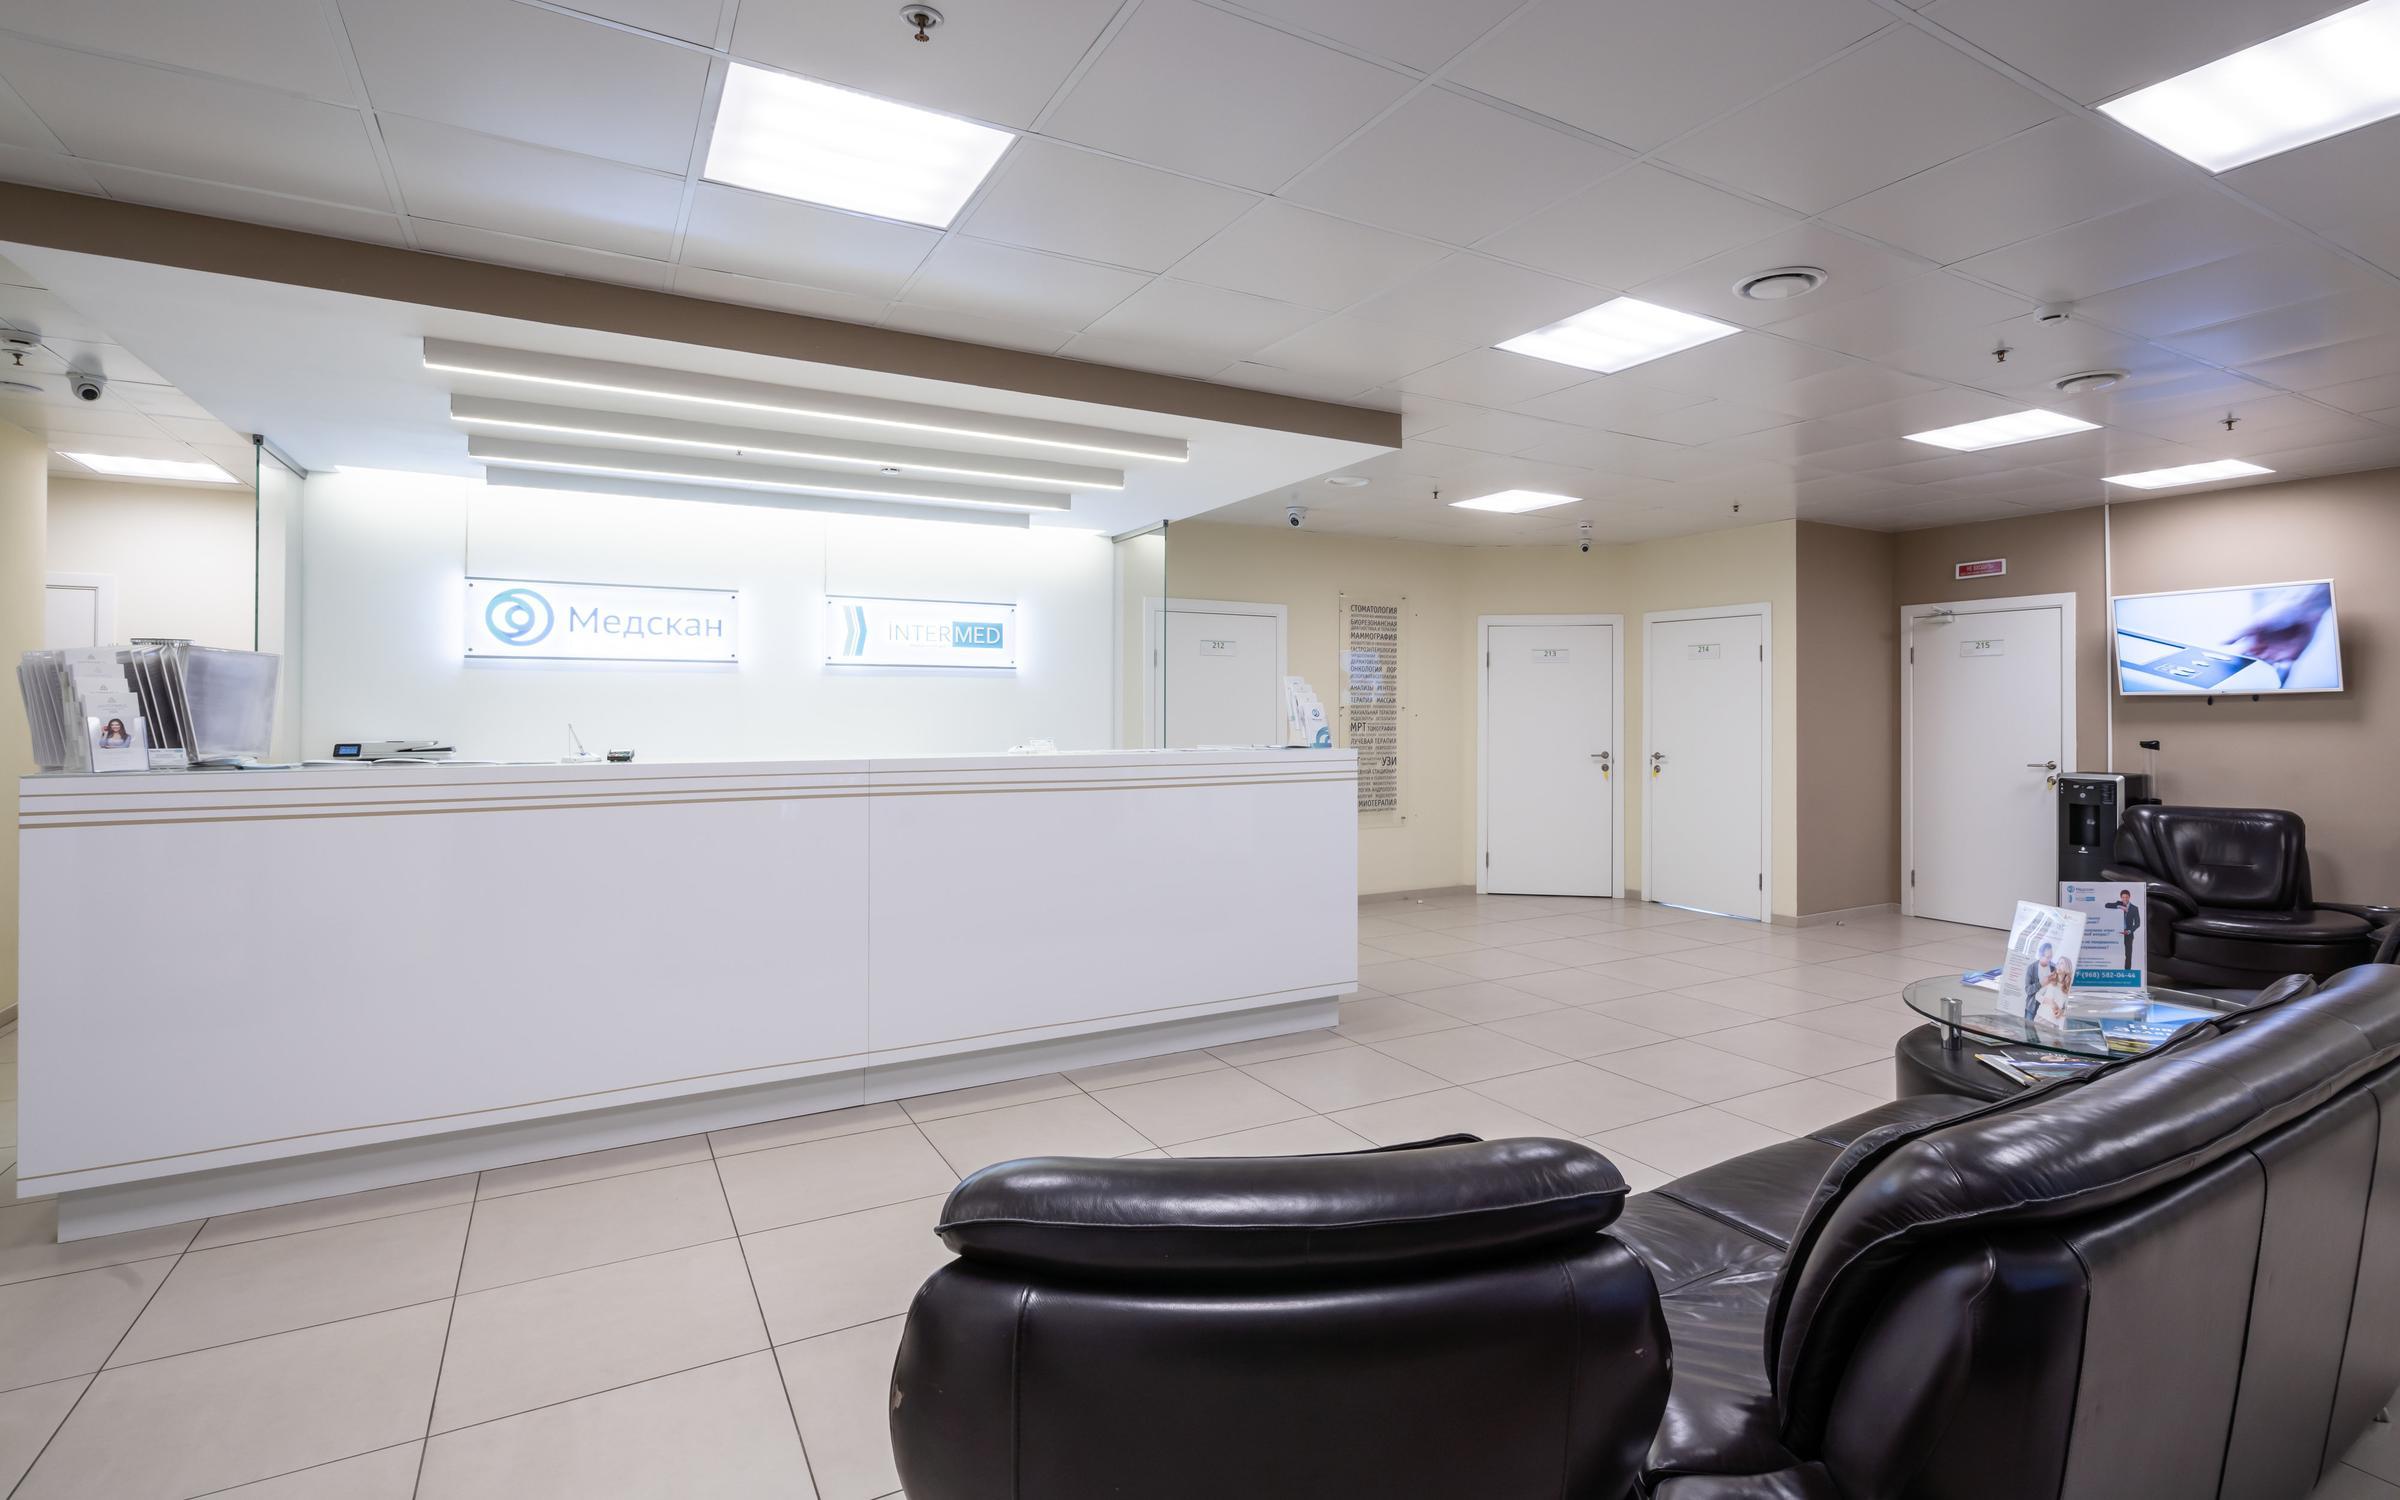 фотография Многопрофильного медицинского центра Интермед у метро Серпуховская, Павелецкая